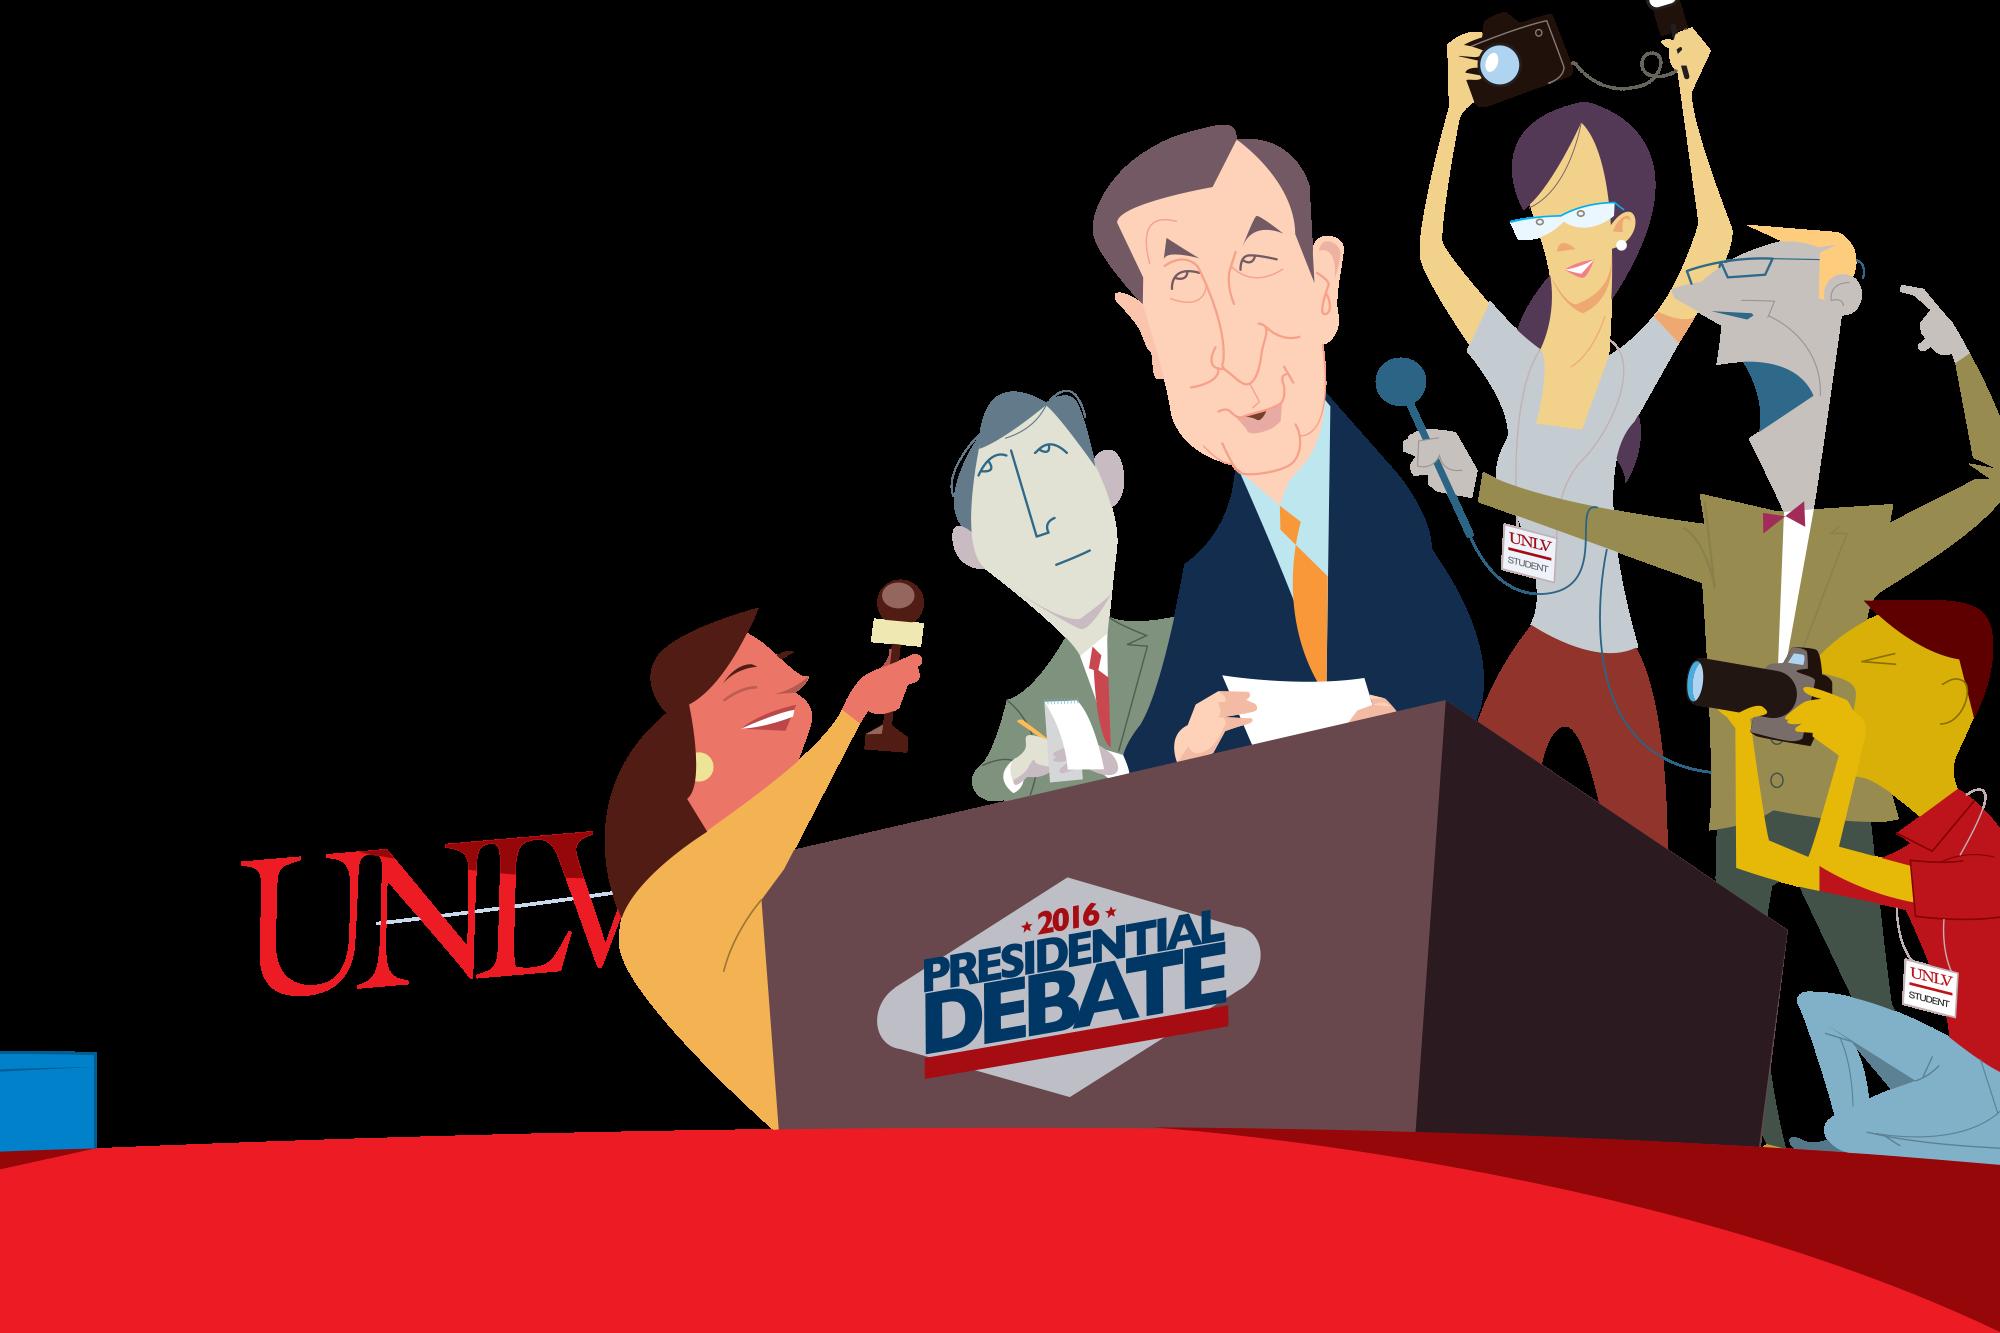 The vegas style news. Conversation clipart class debate